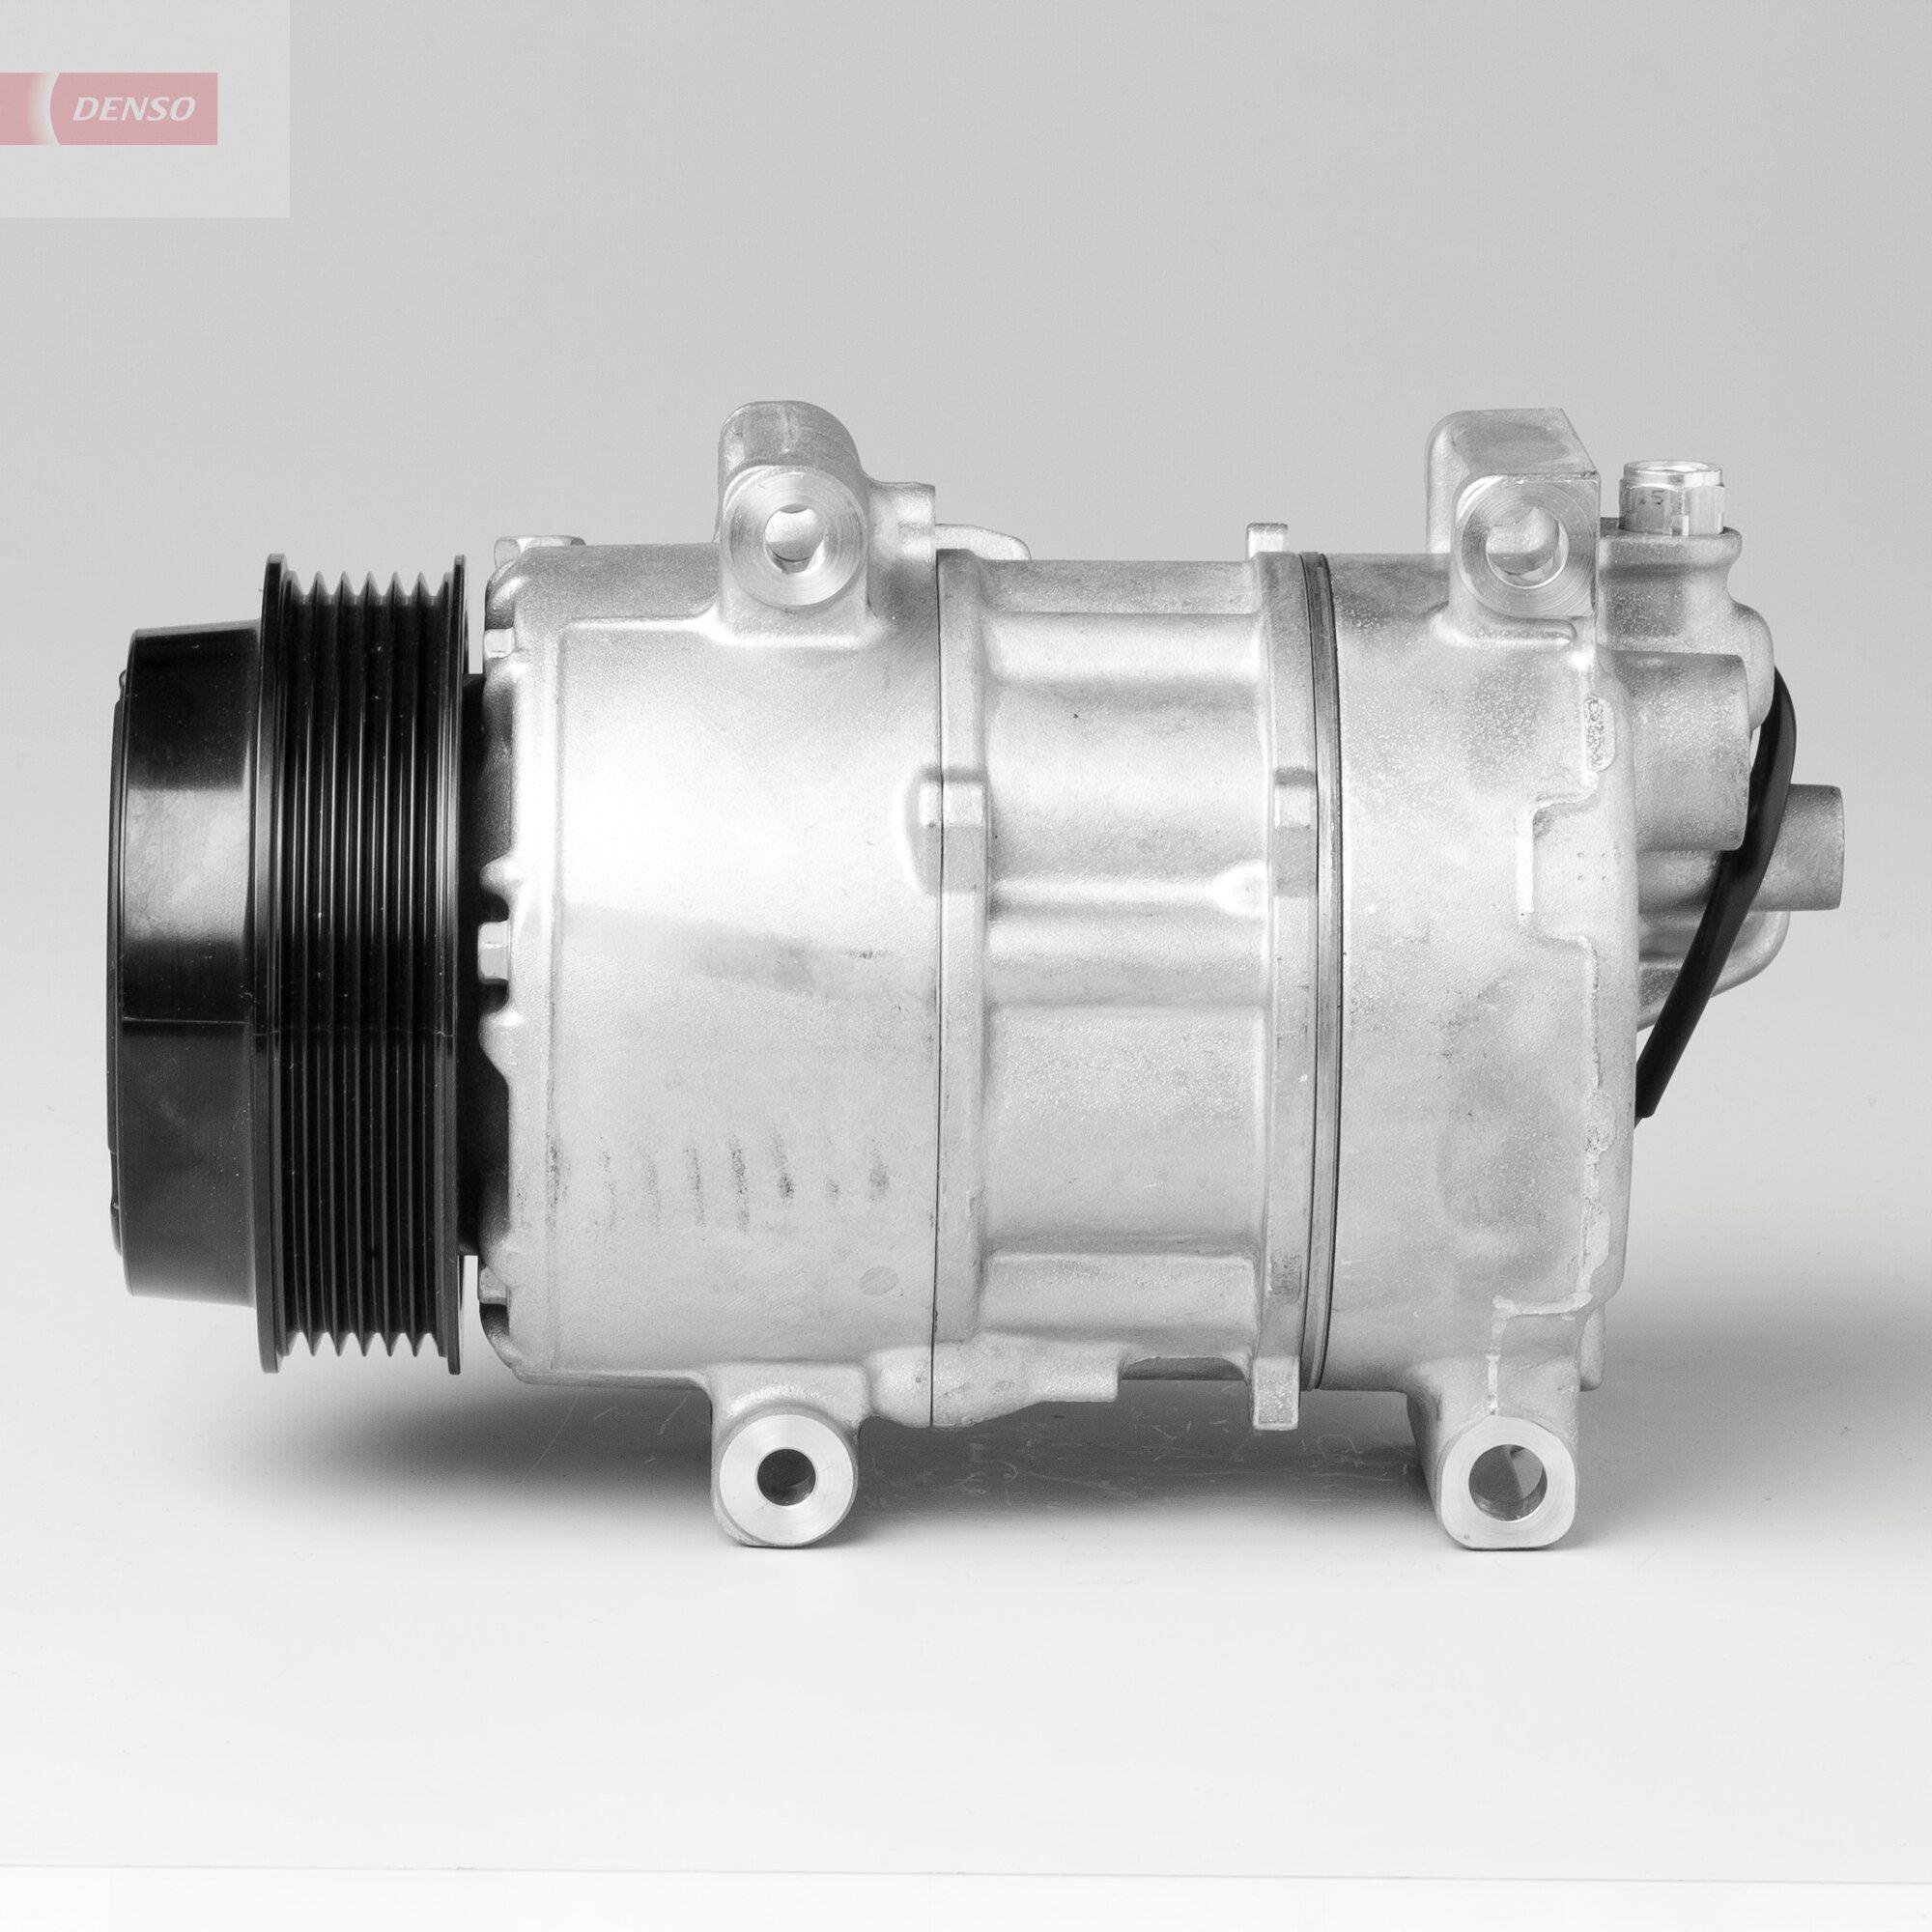 Kompressor DENSO DCP17106